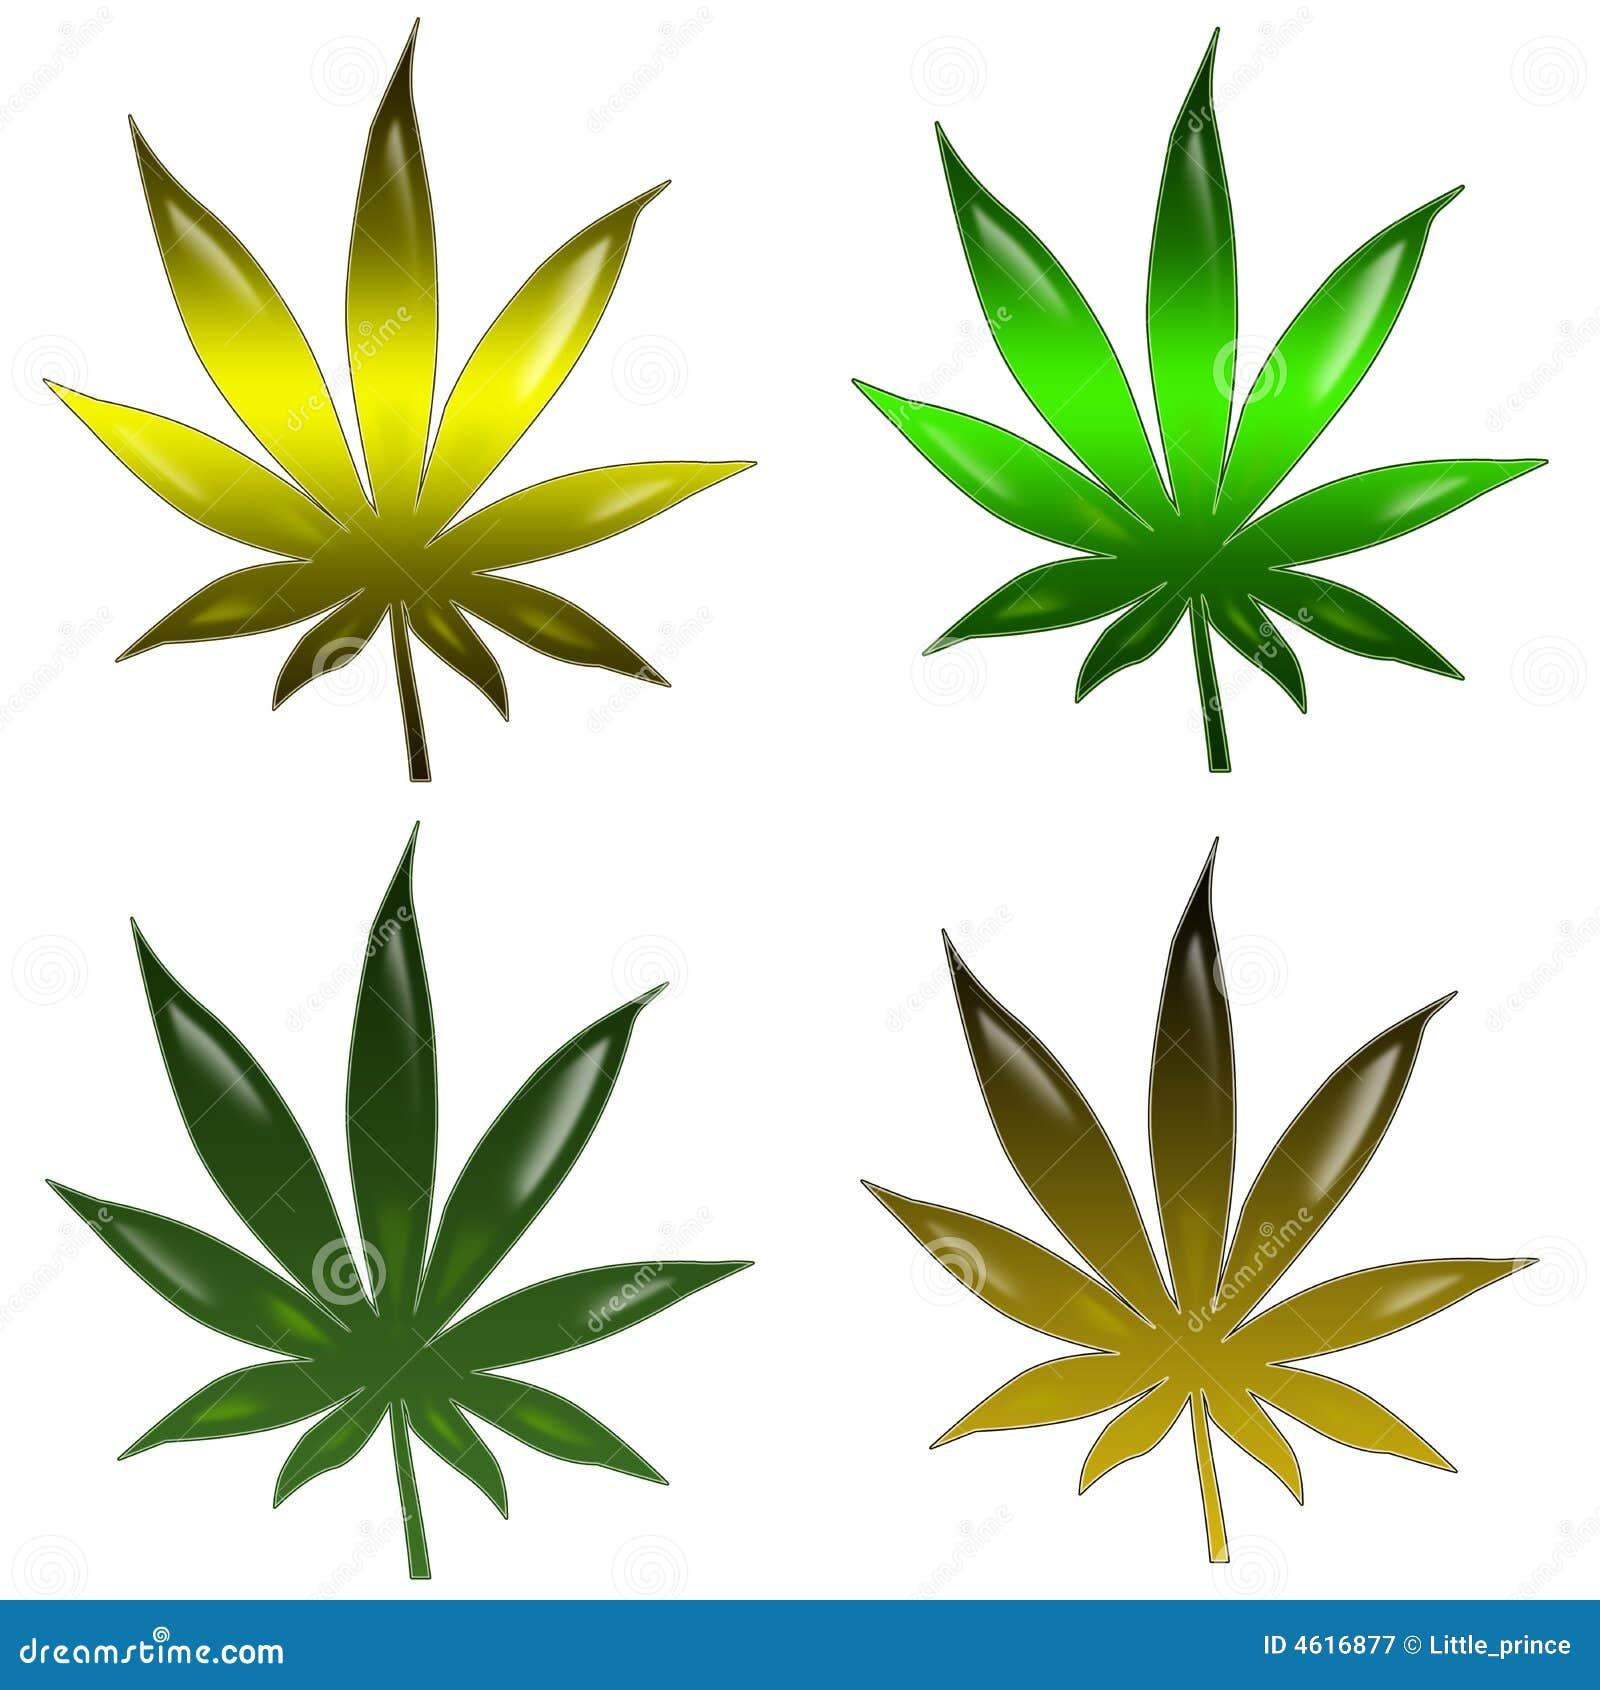 Marijuana Leaf Royalty Free Stock Photography - Image: 4616877